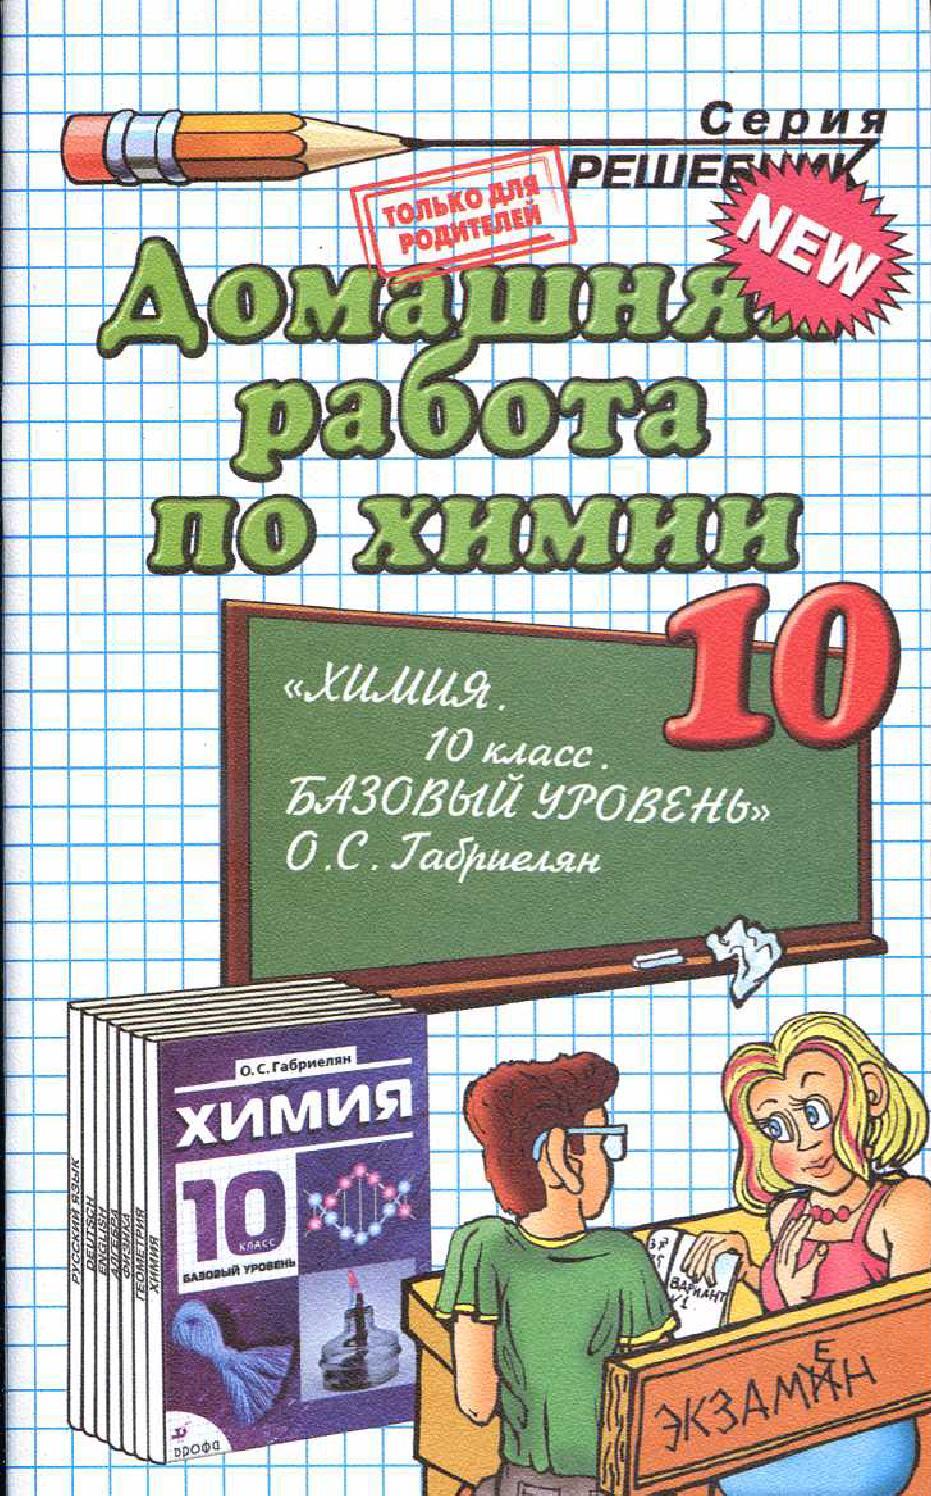 О.c габрелиан 2-е издание стереотипное решебник 8 класс